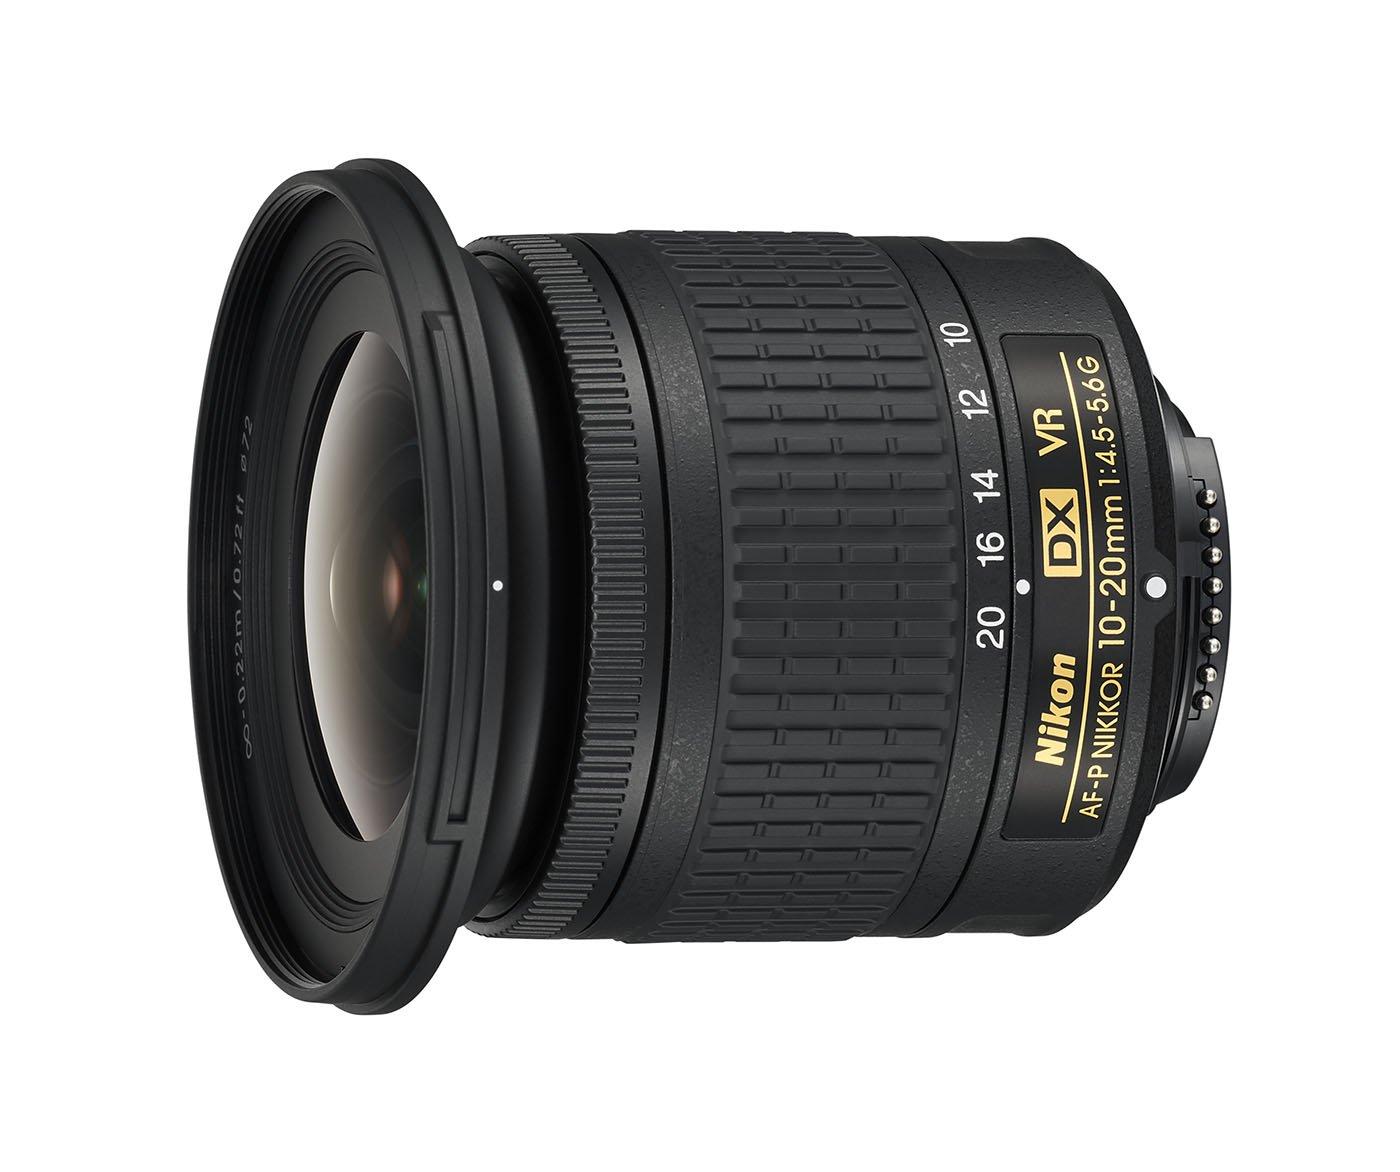 1. Nikon AF-P DX NIKKOR